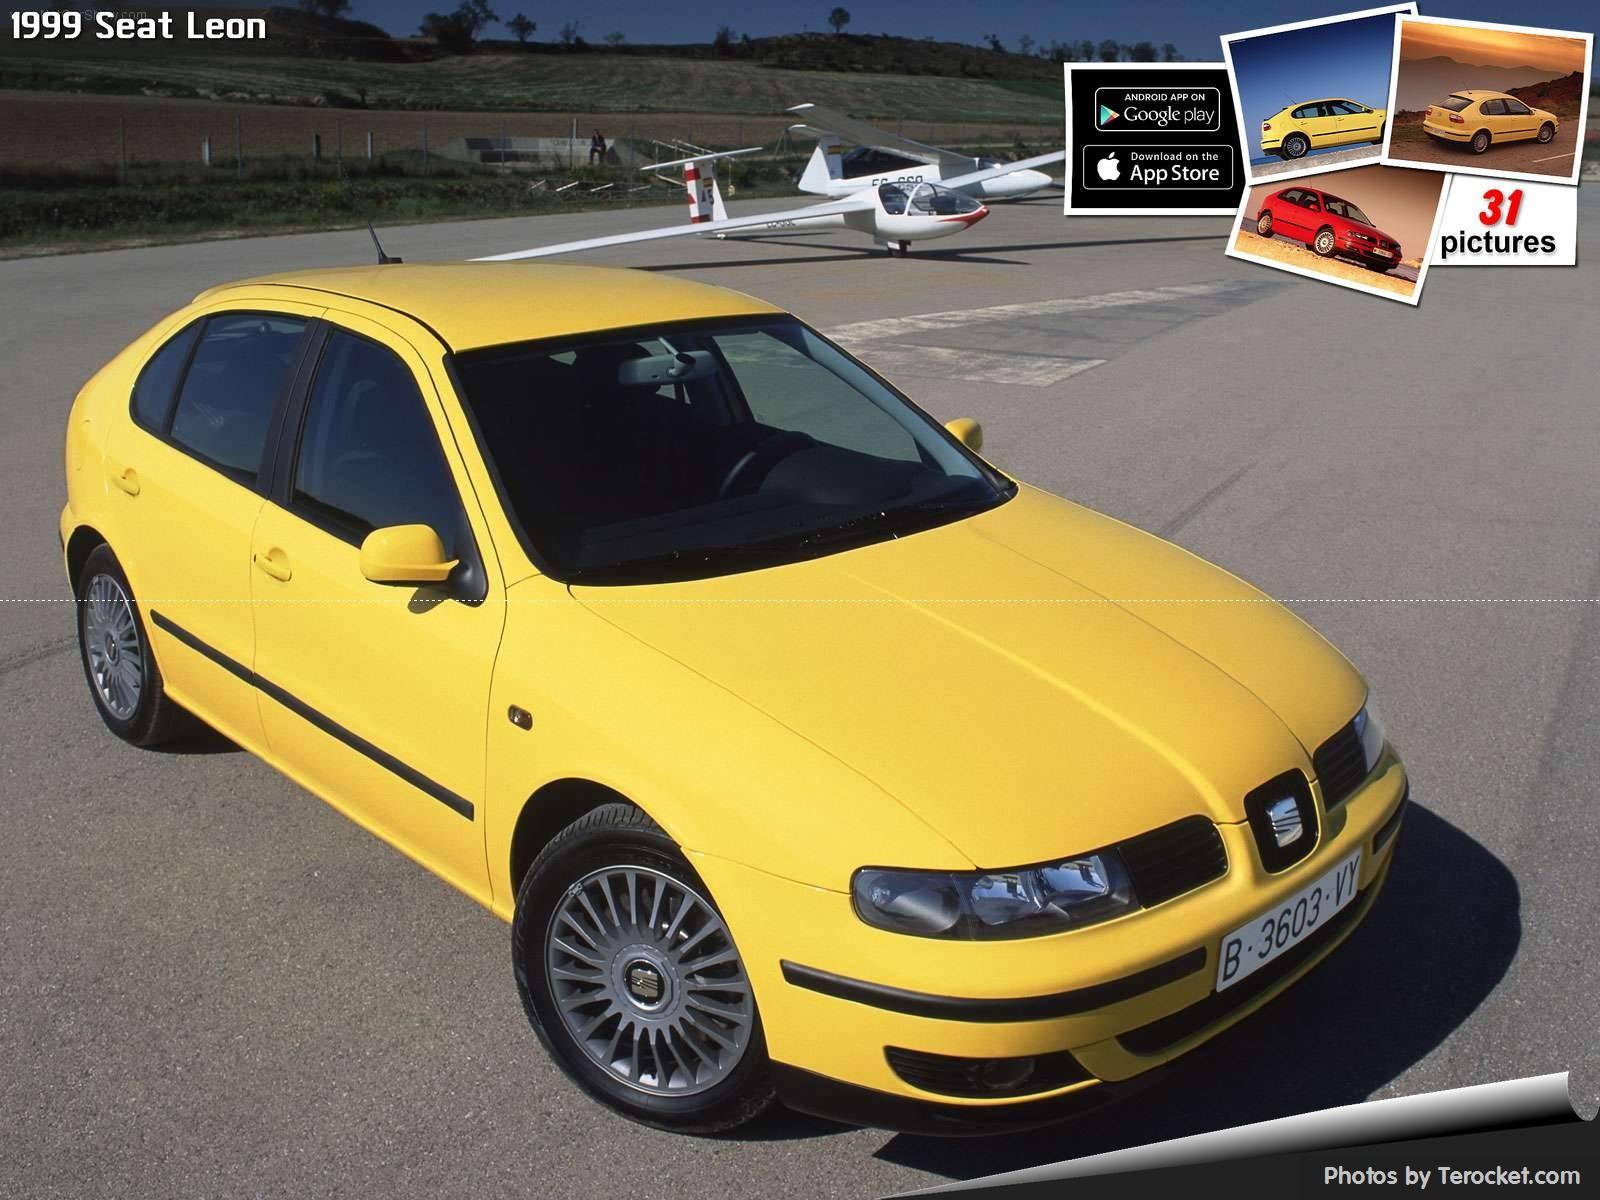 Hình ảnh xe ô tô Seat Leon 1999 & nội ngoại thất